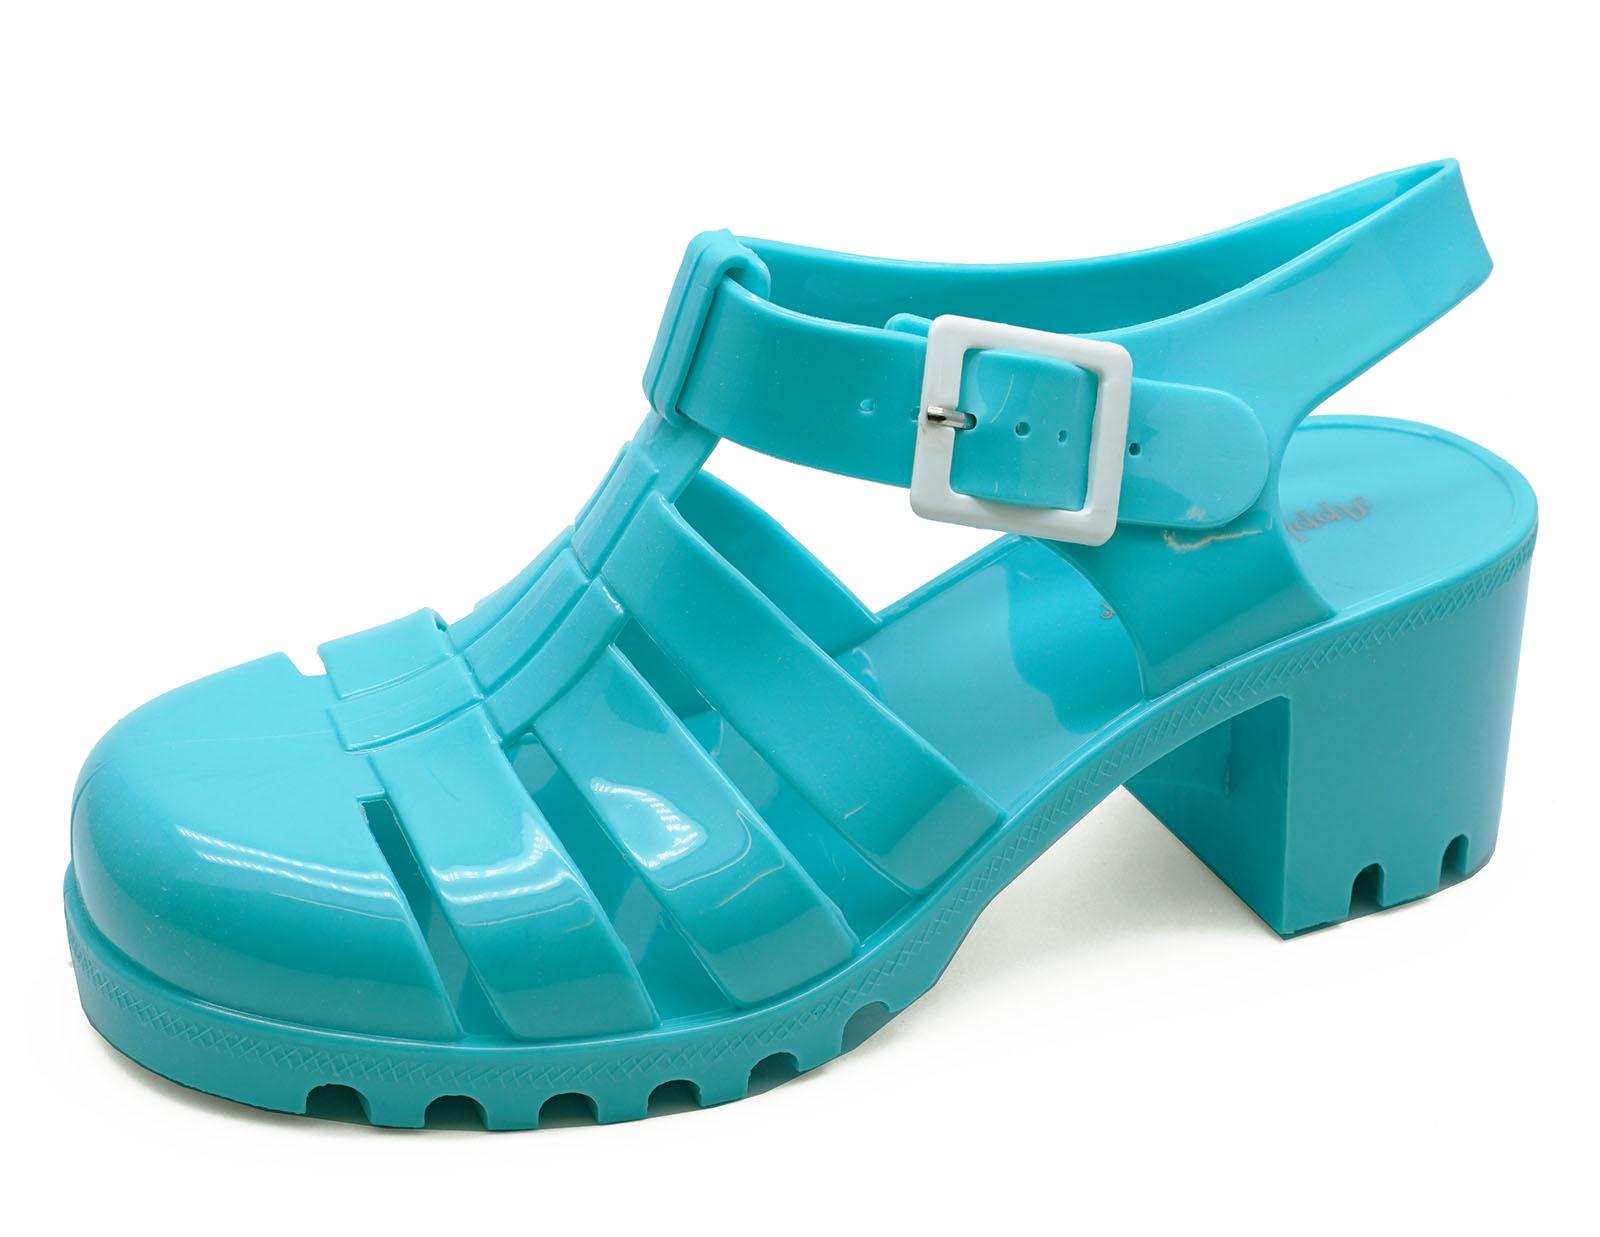 Damas Azul Jalea Sandalias Gladiador Retro Festival Vacaciones En La Playa Zapatos UK 3-8